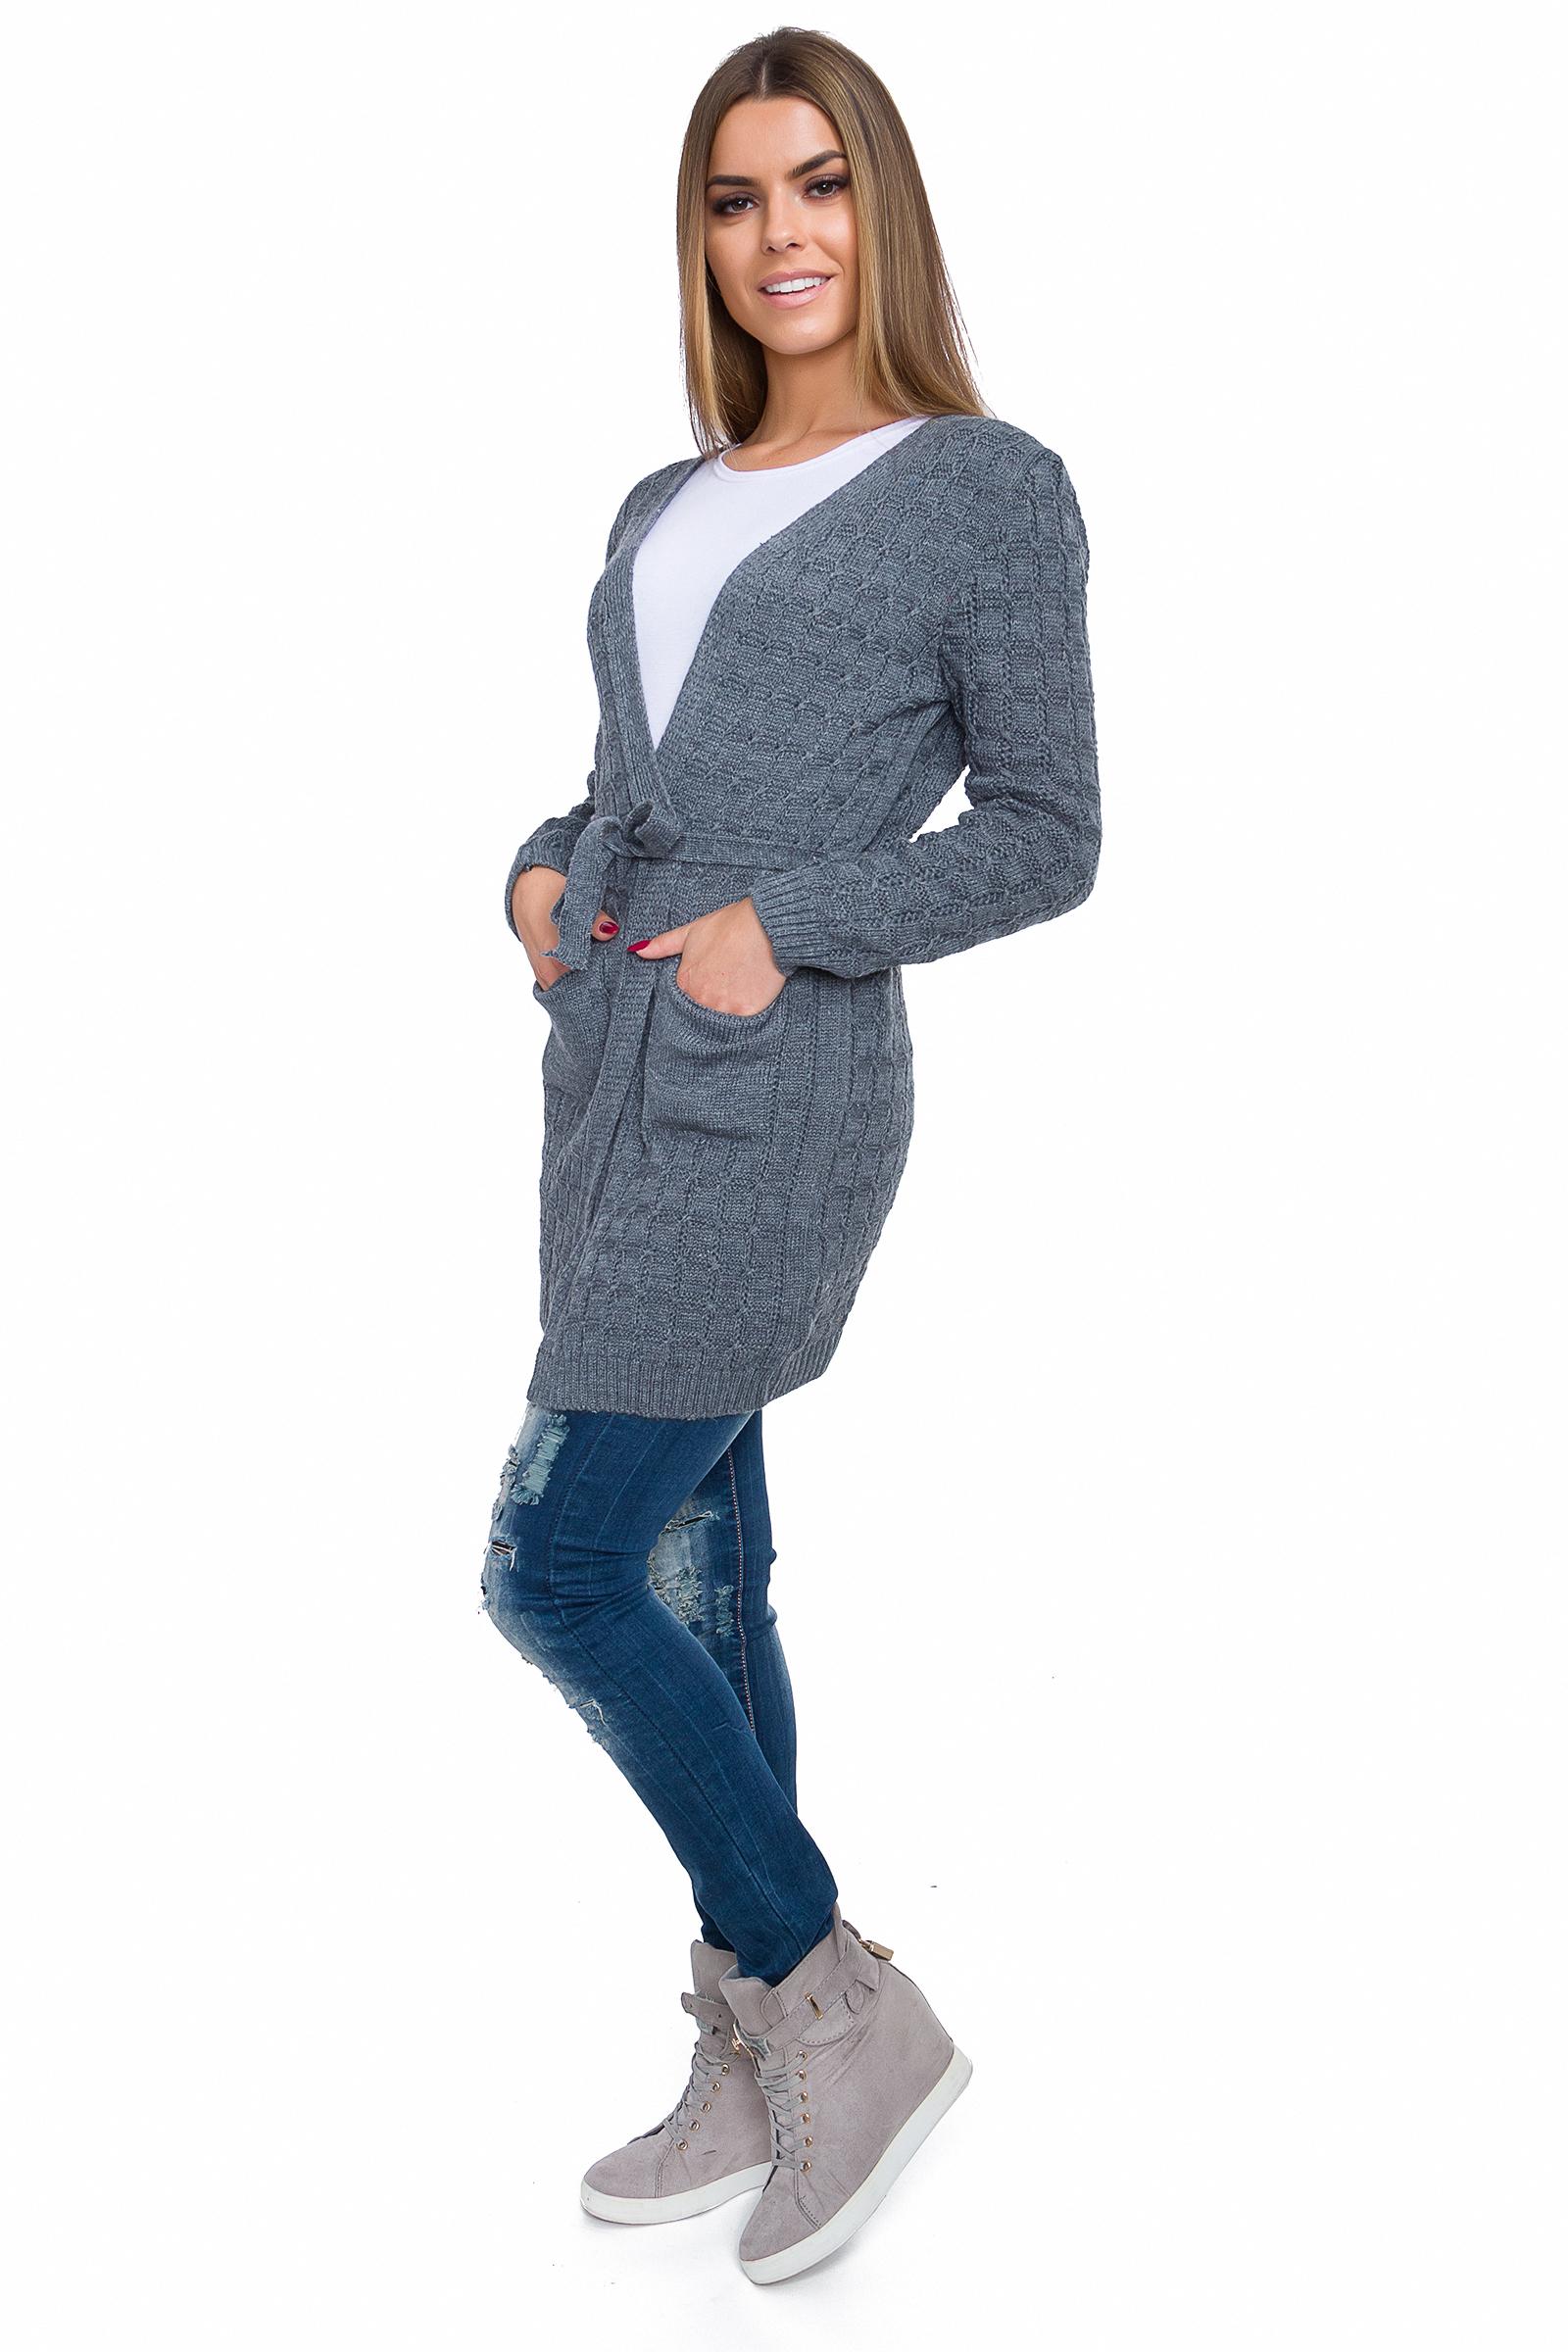 Femme Chaud Cardigan à Manches Longues Chunky Câble Avec Ceinture Et Poches Taille Unique WA82W